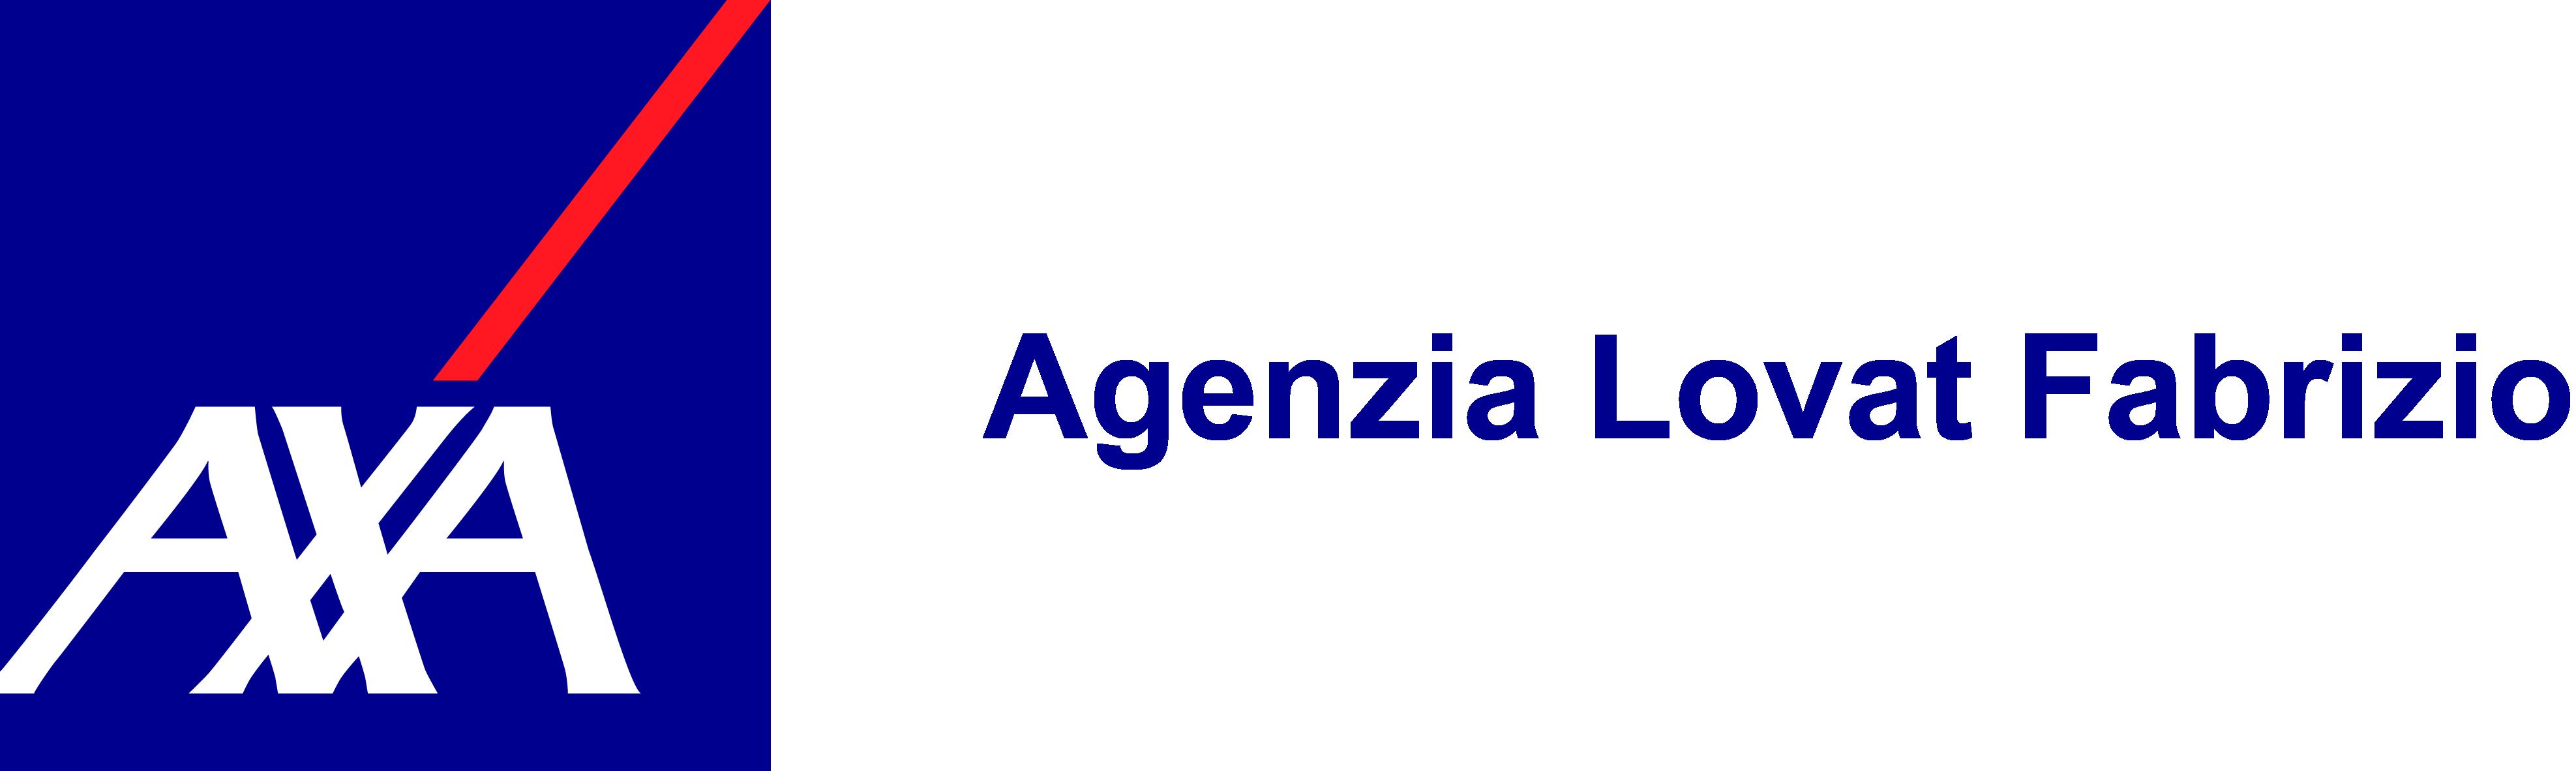 Agenzia Lovat Fabrizio